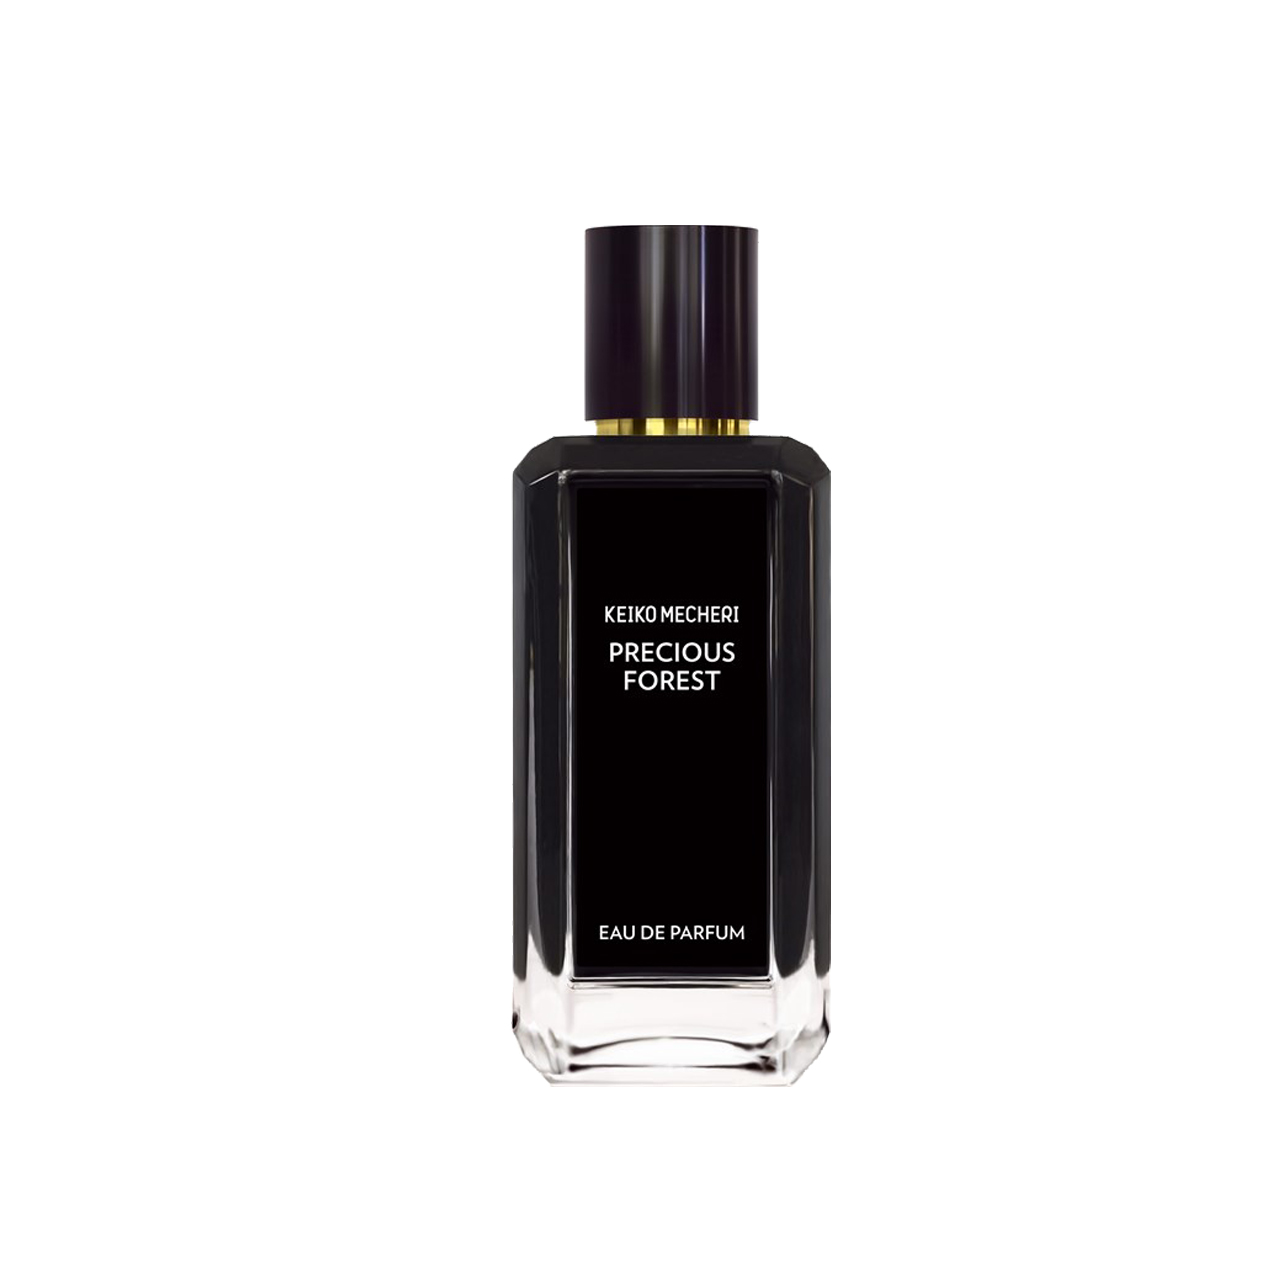 Precious Forest - Eau de Parfum